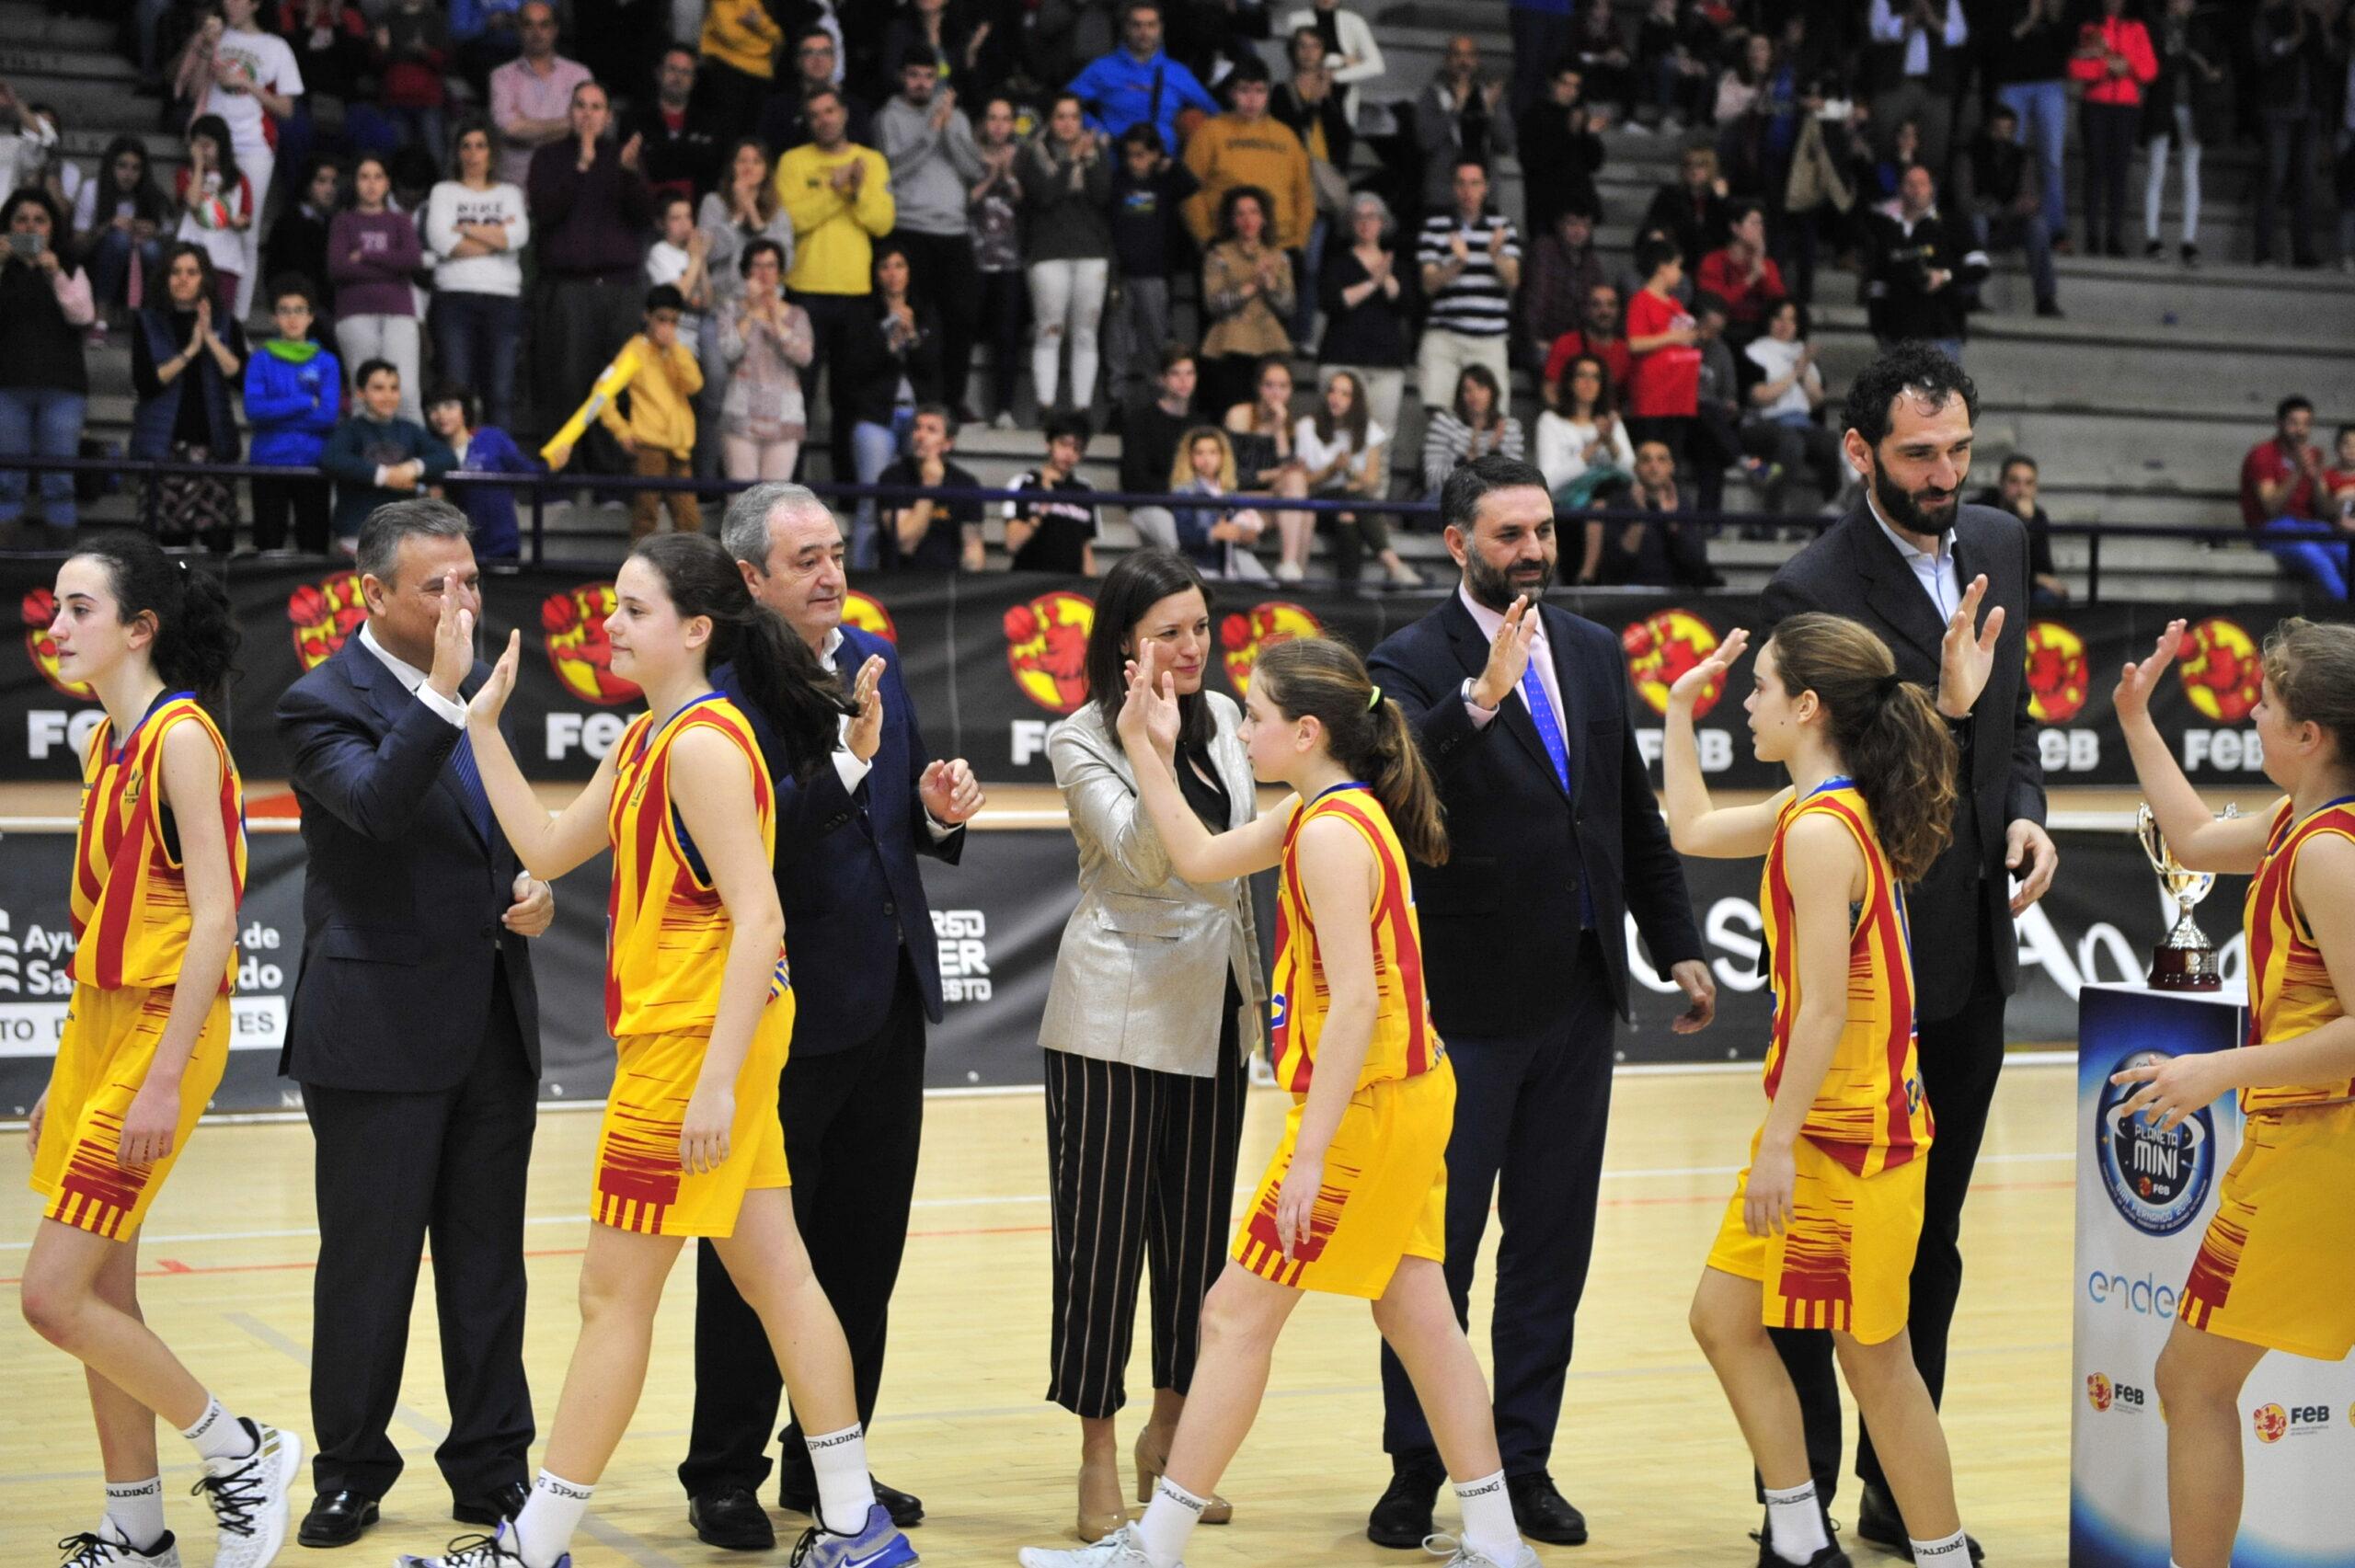 San Fernando será sede del Campeonato de España de Minibasket del 25 al 29 de junio